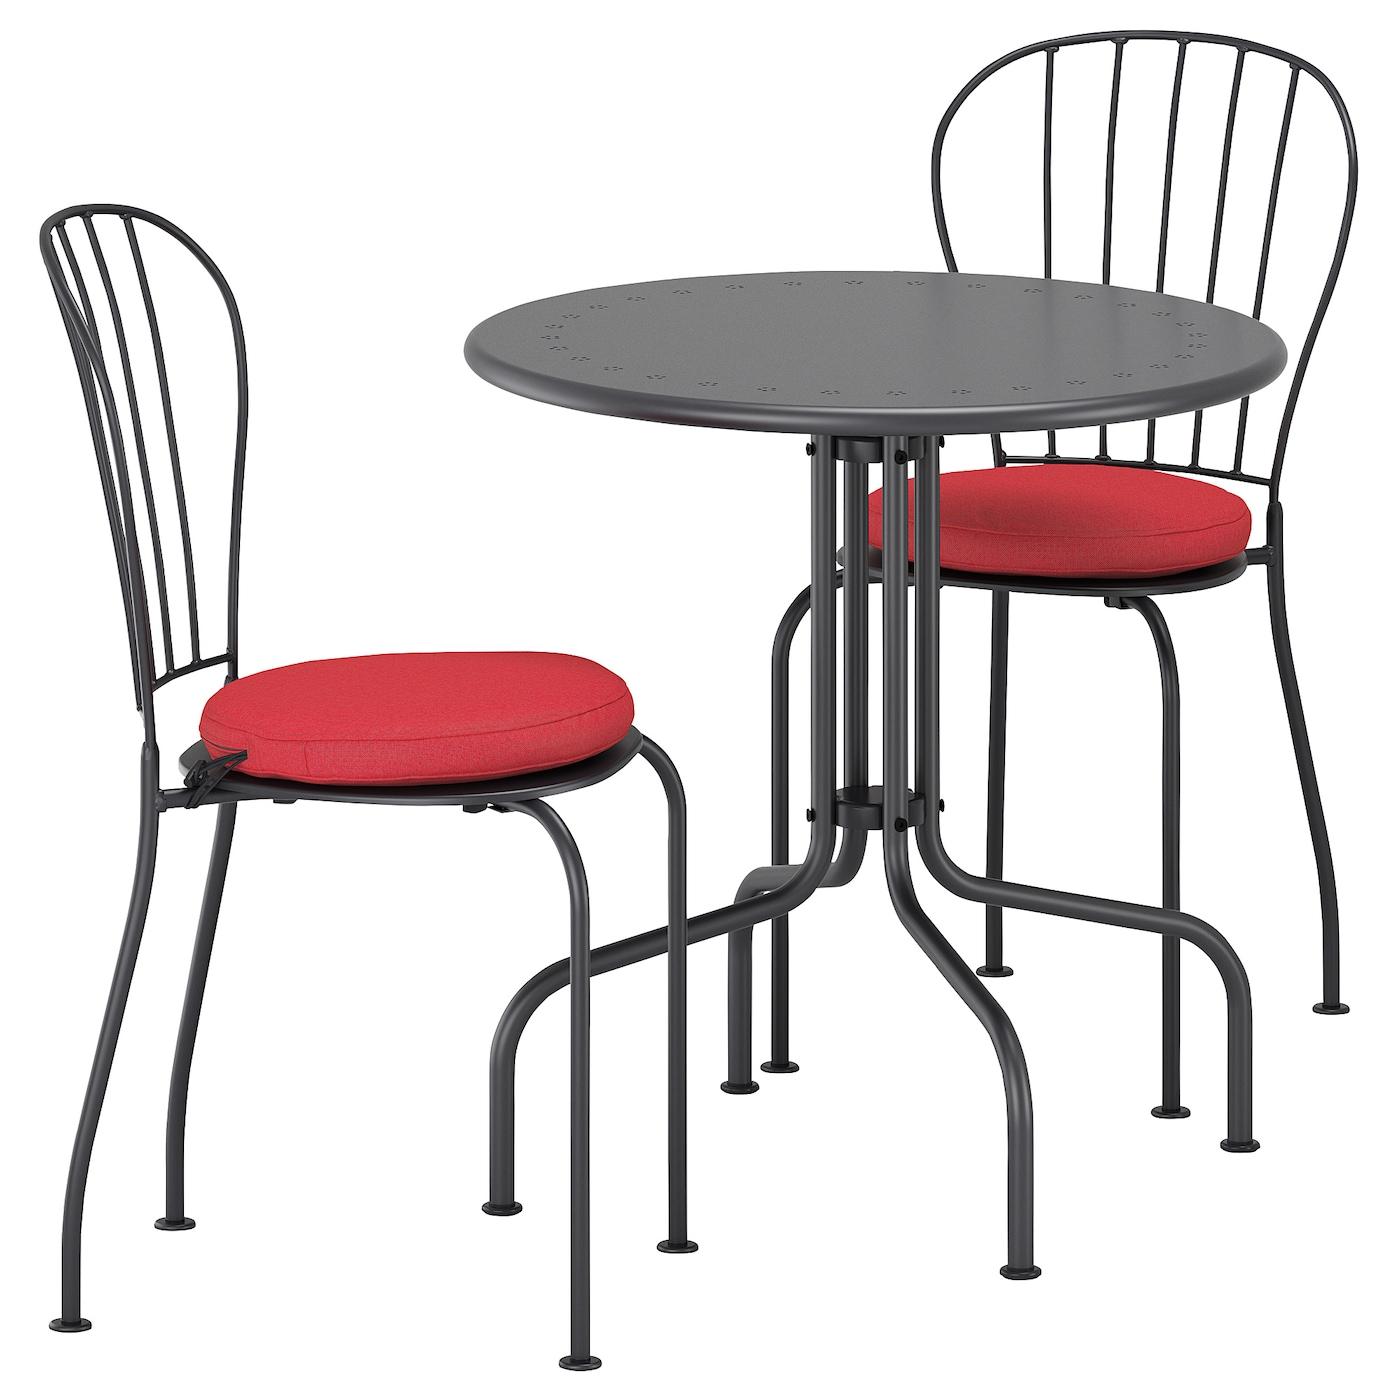 L ck tafel 2 stoelen buiten grijs fr s n duvholmen rood for Stoelen voor buiten